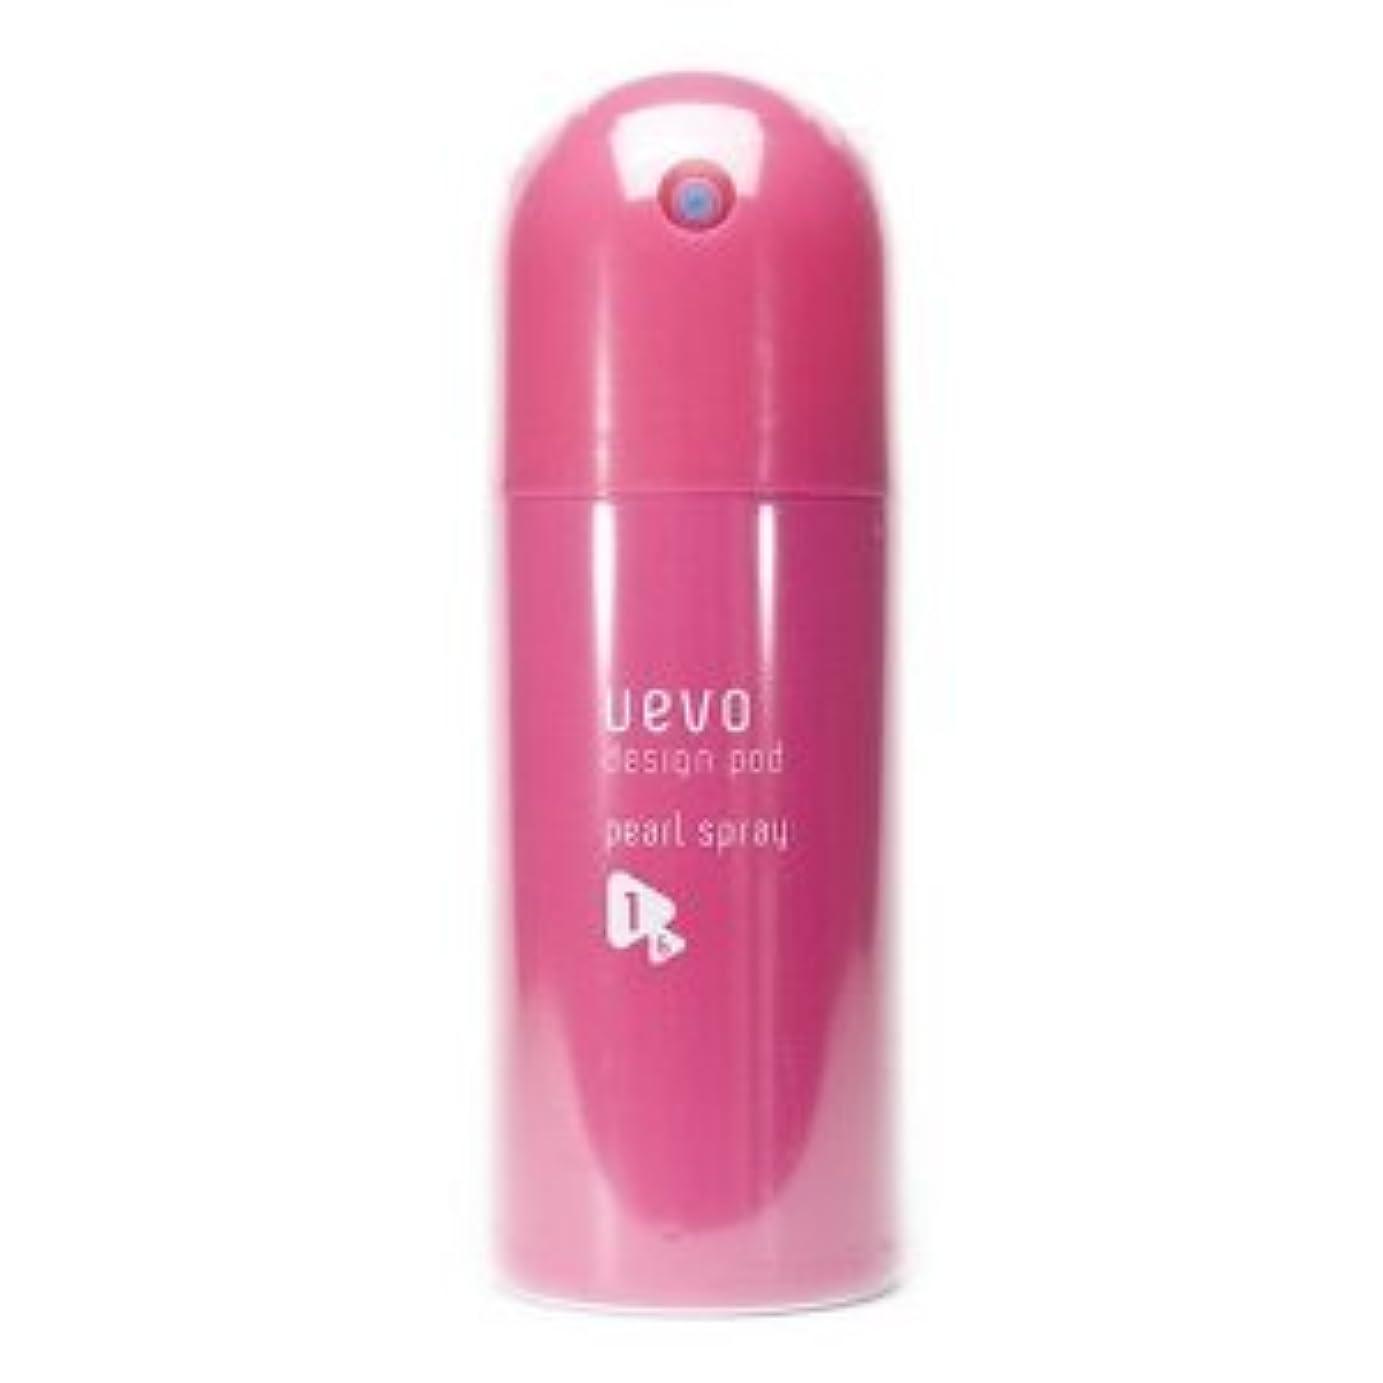 ブルジョンシングル適用済みデミ ウェーボ デザインポッド パールスプレー 220ml pearl spray